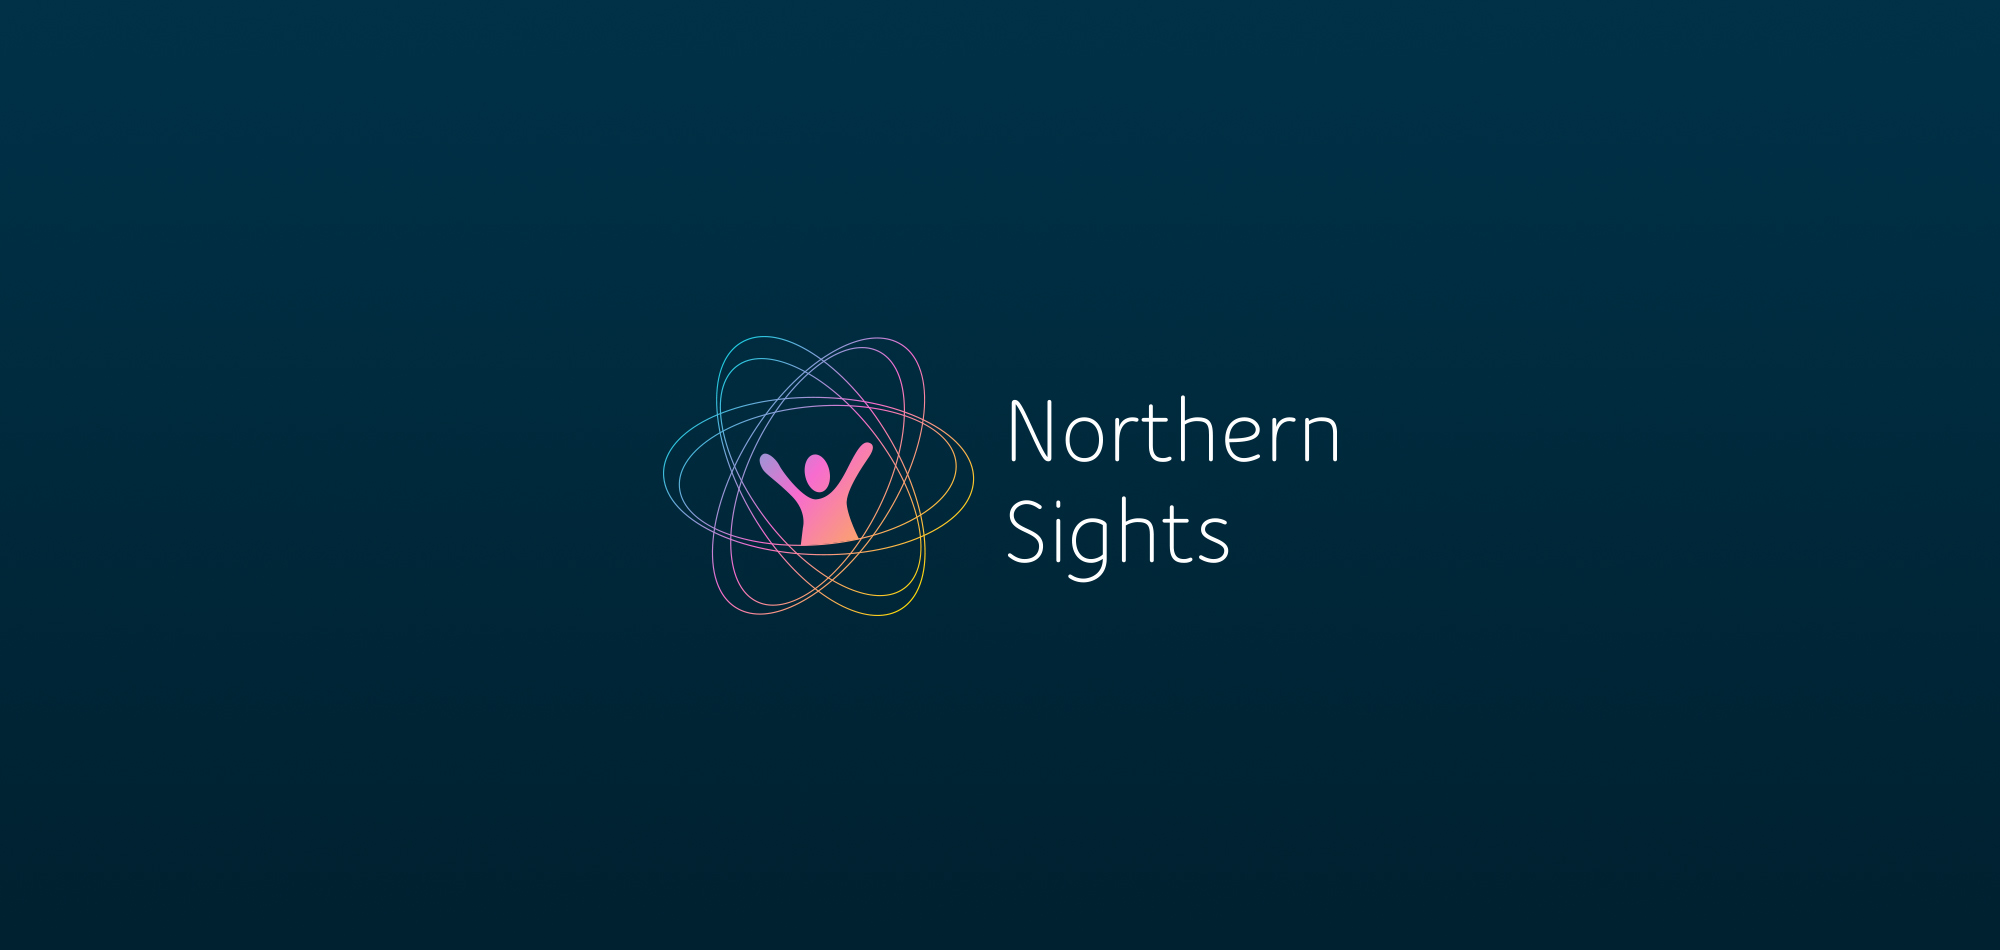 Logo design for Northern Sights.